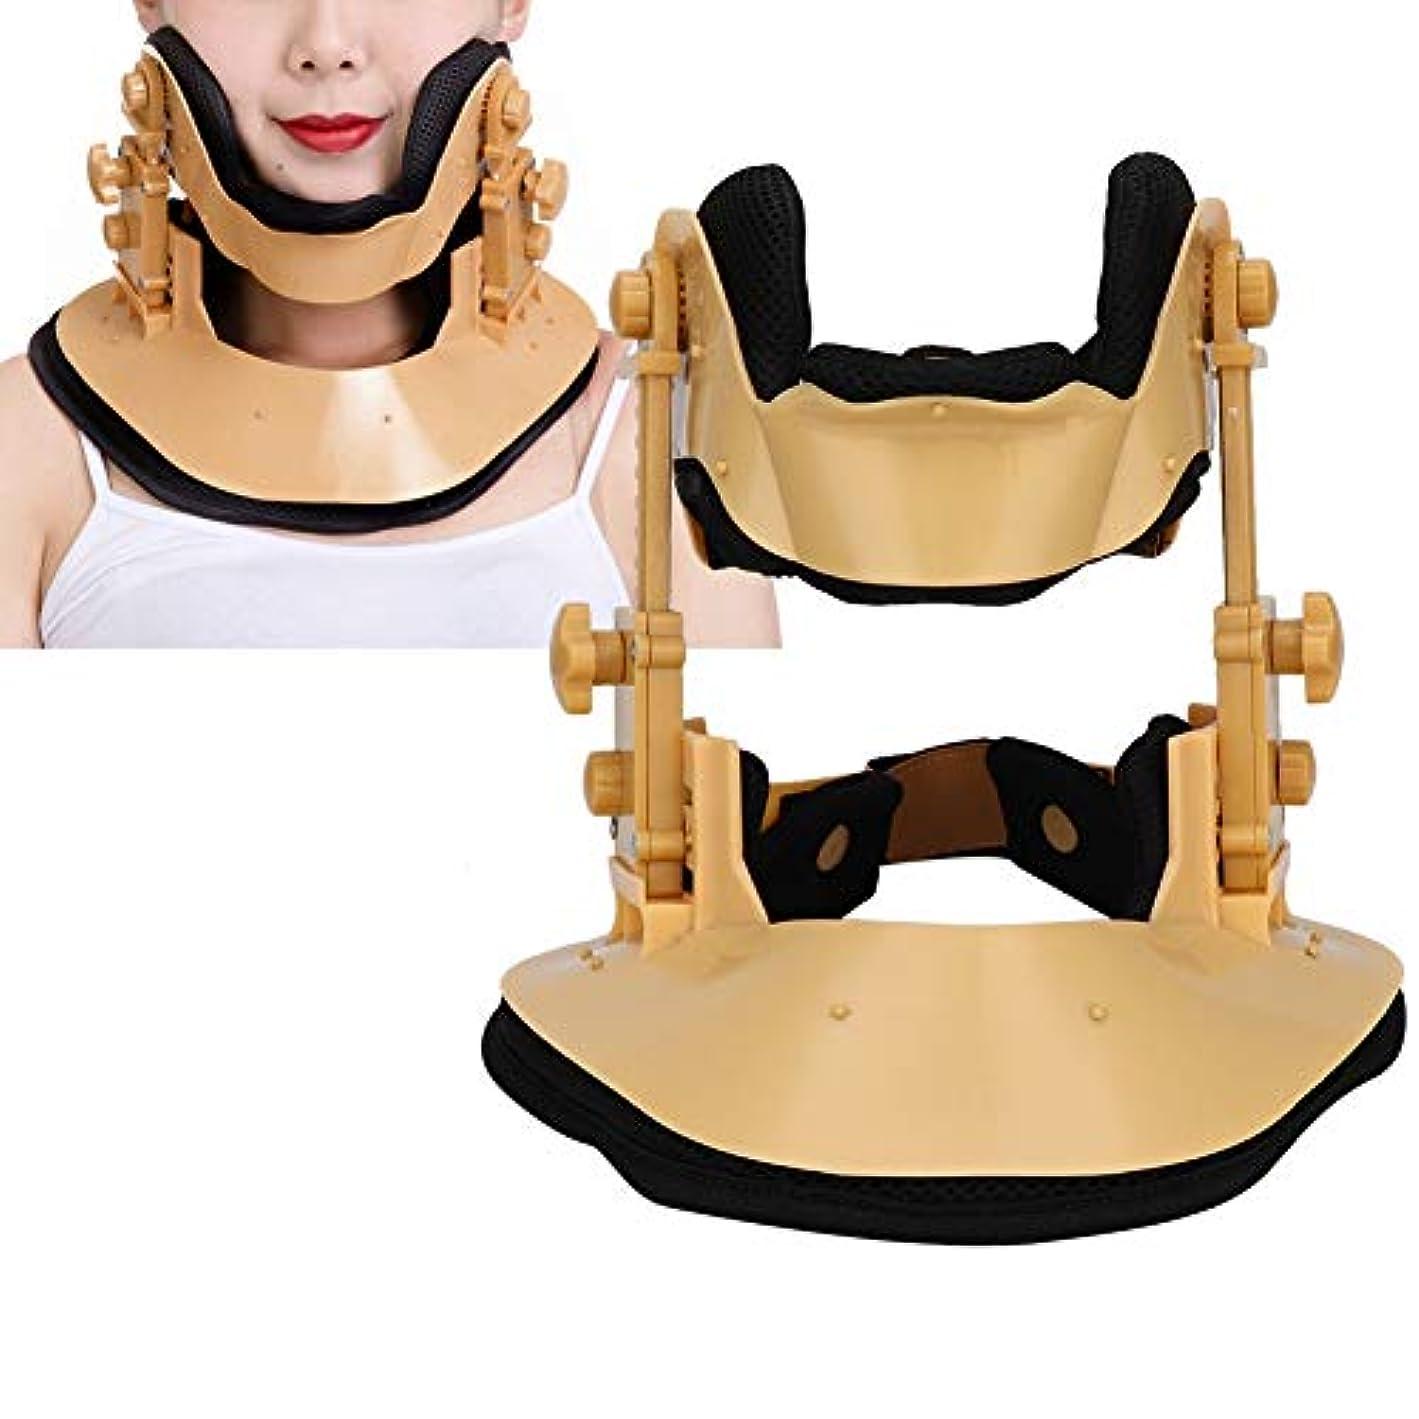 ようこそインゲン郵便屋さん頸部牽引装置、調整可能な首の痛みを軽減する襟、固定された首のケア回復ツール、首の回復装置